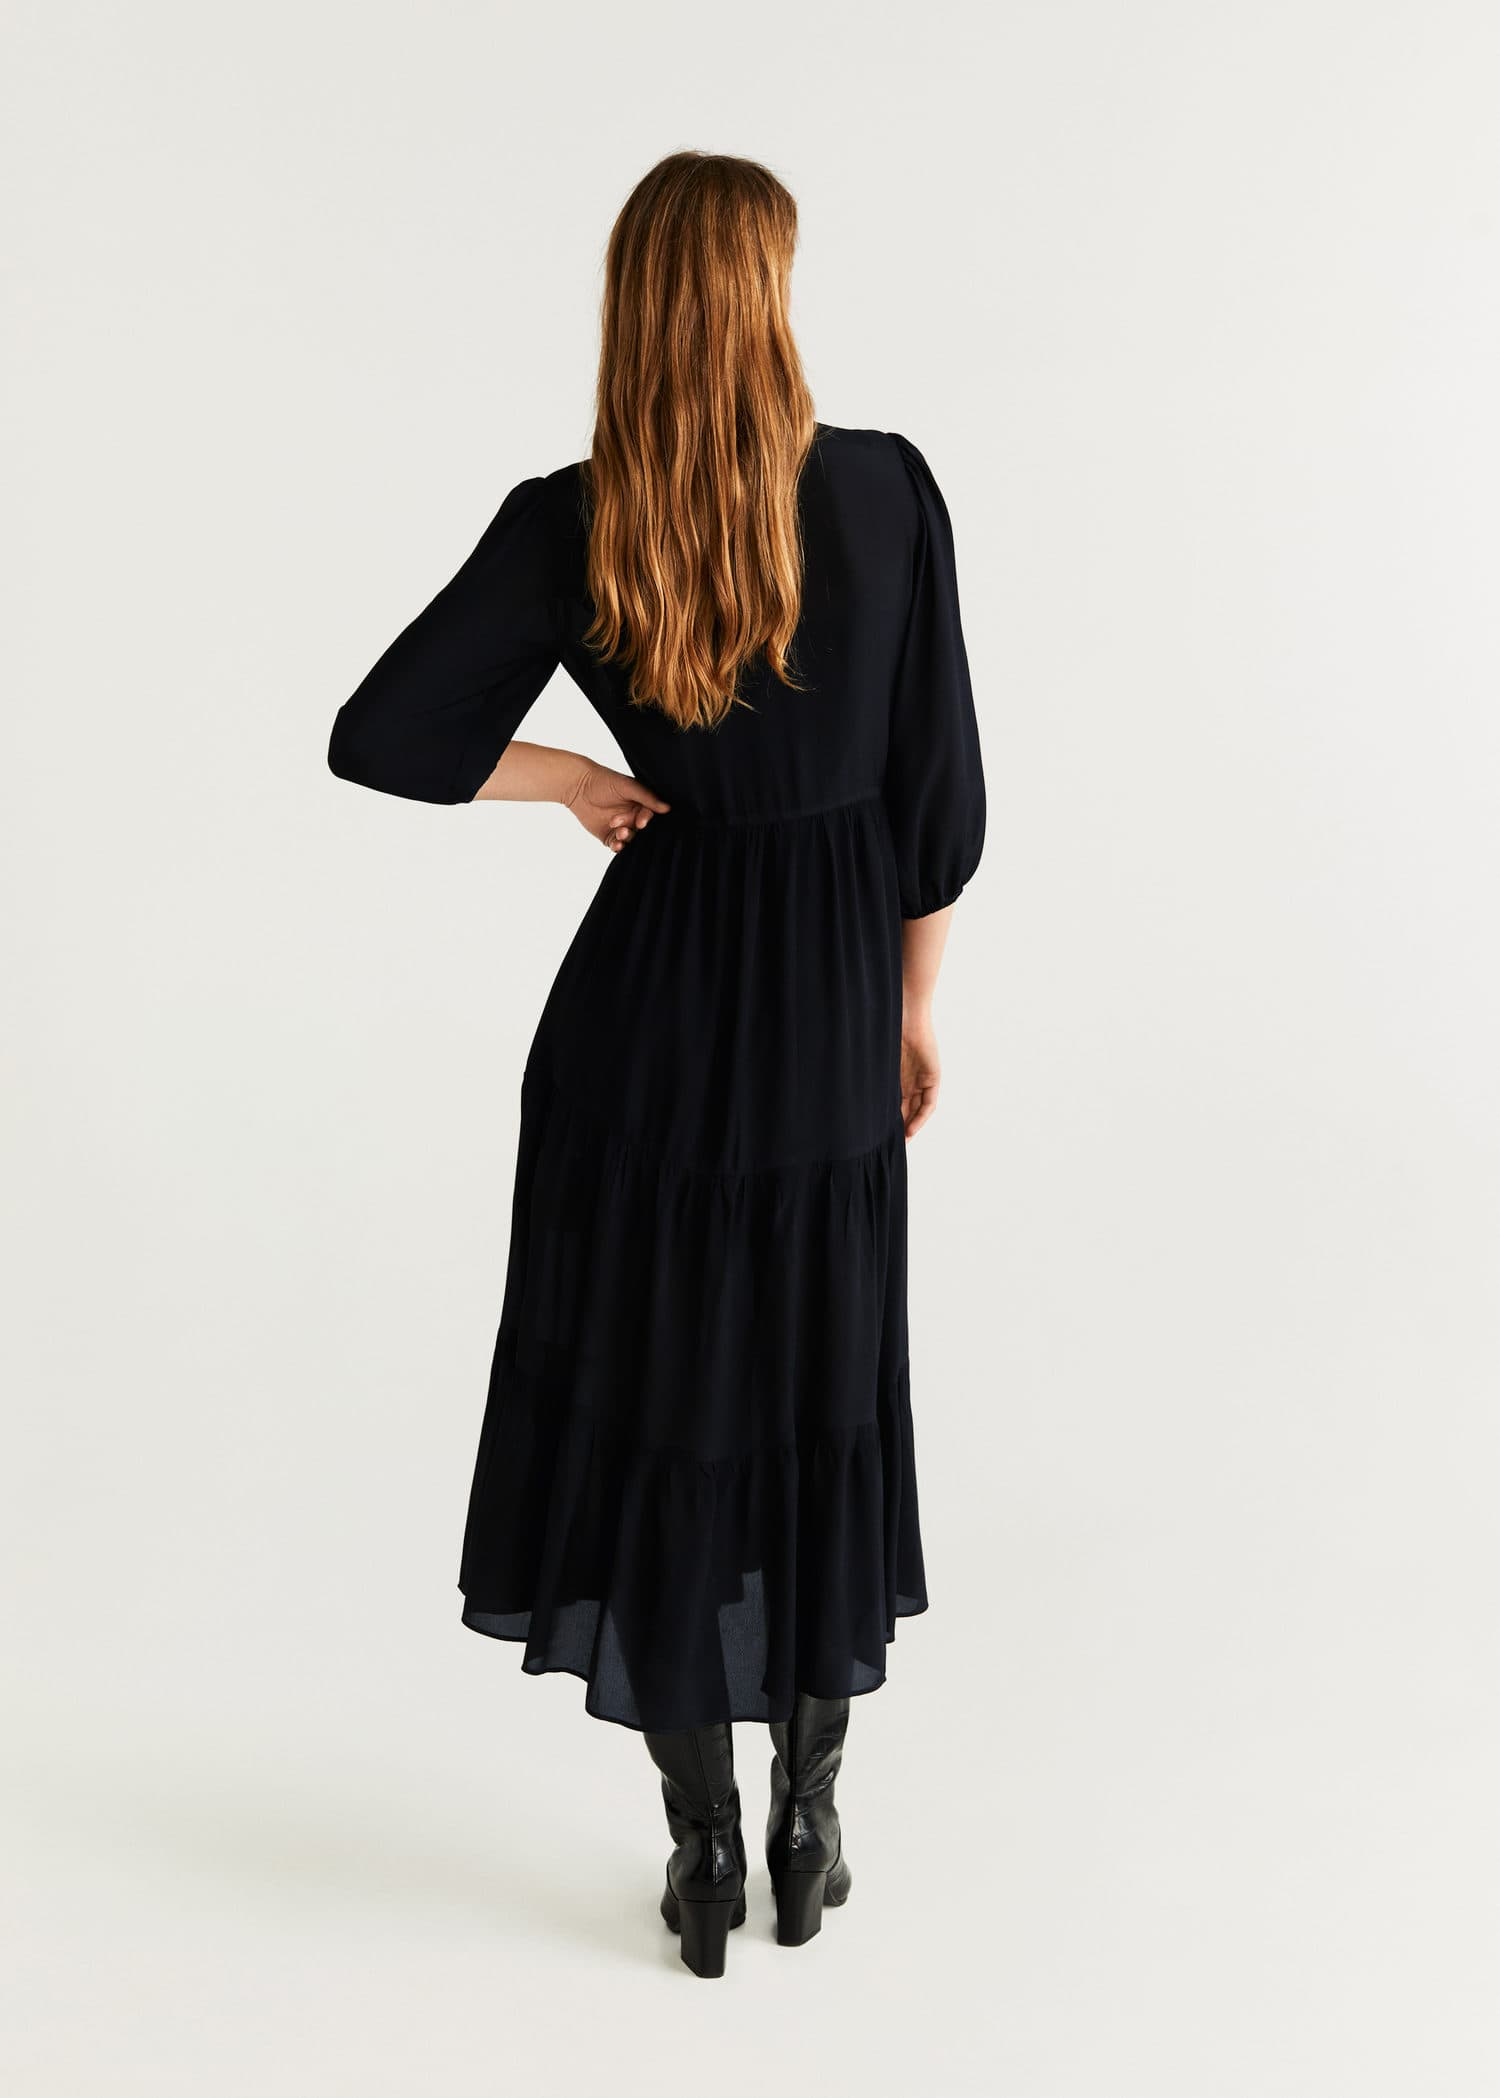 Largos Vestidos De Mujer 2019 Mango España